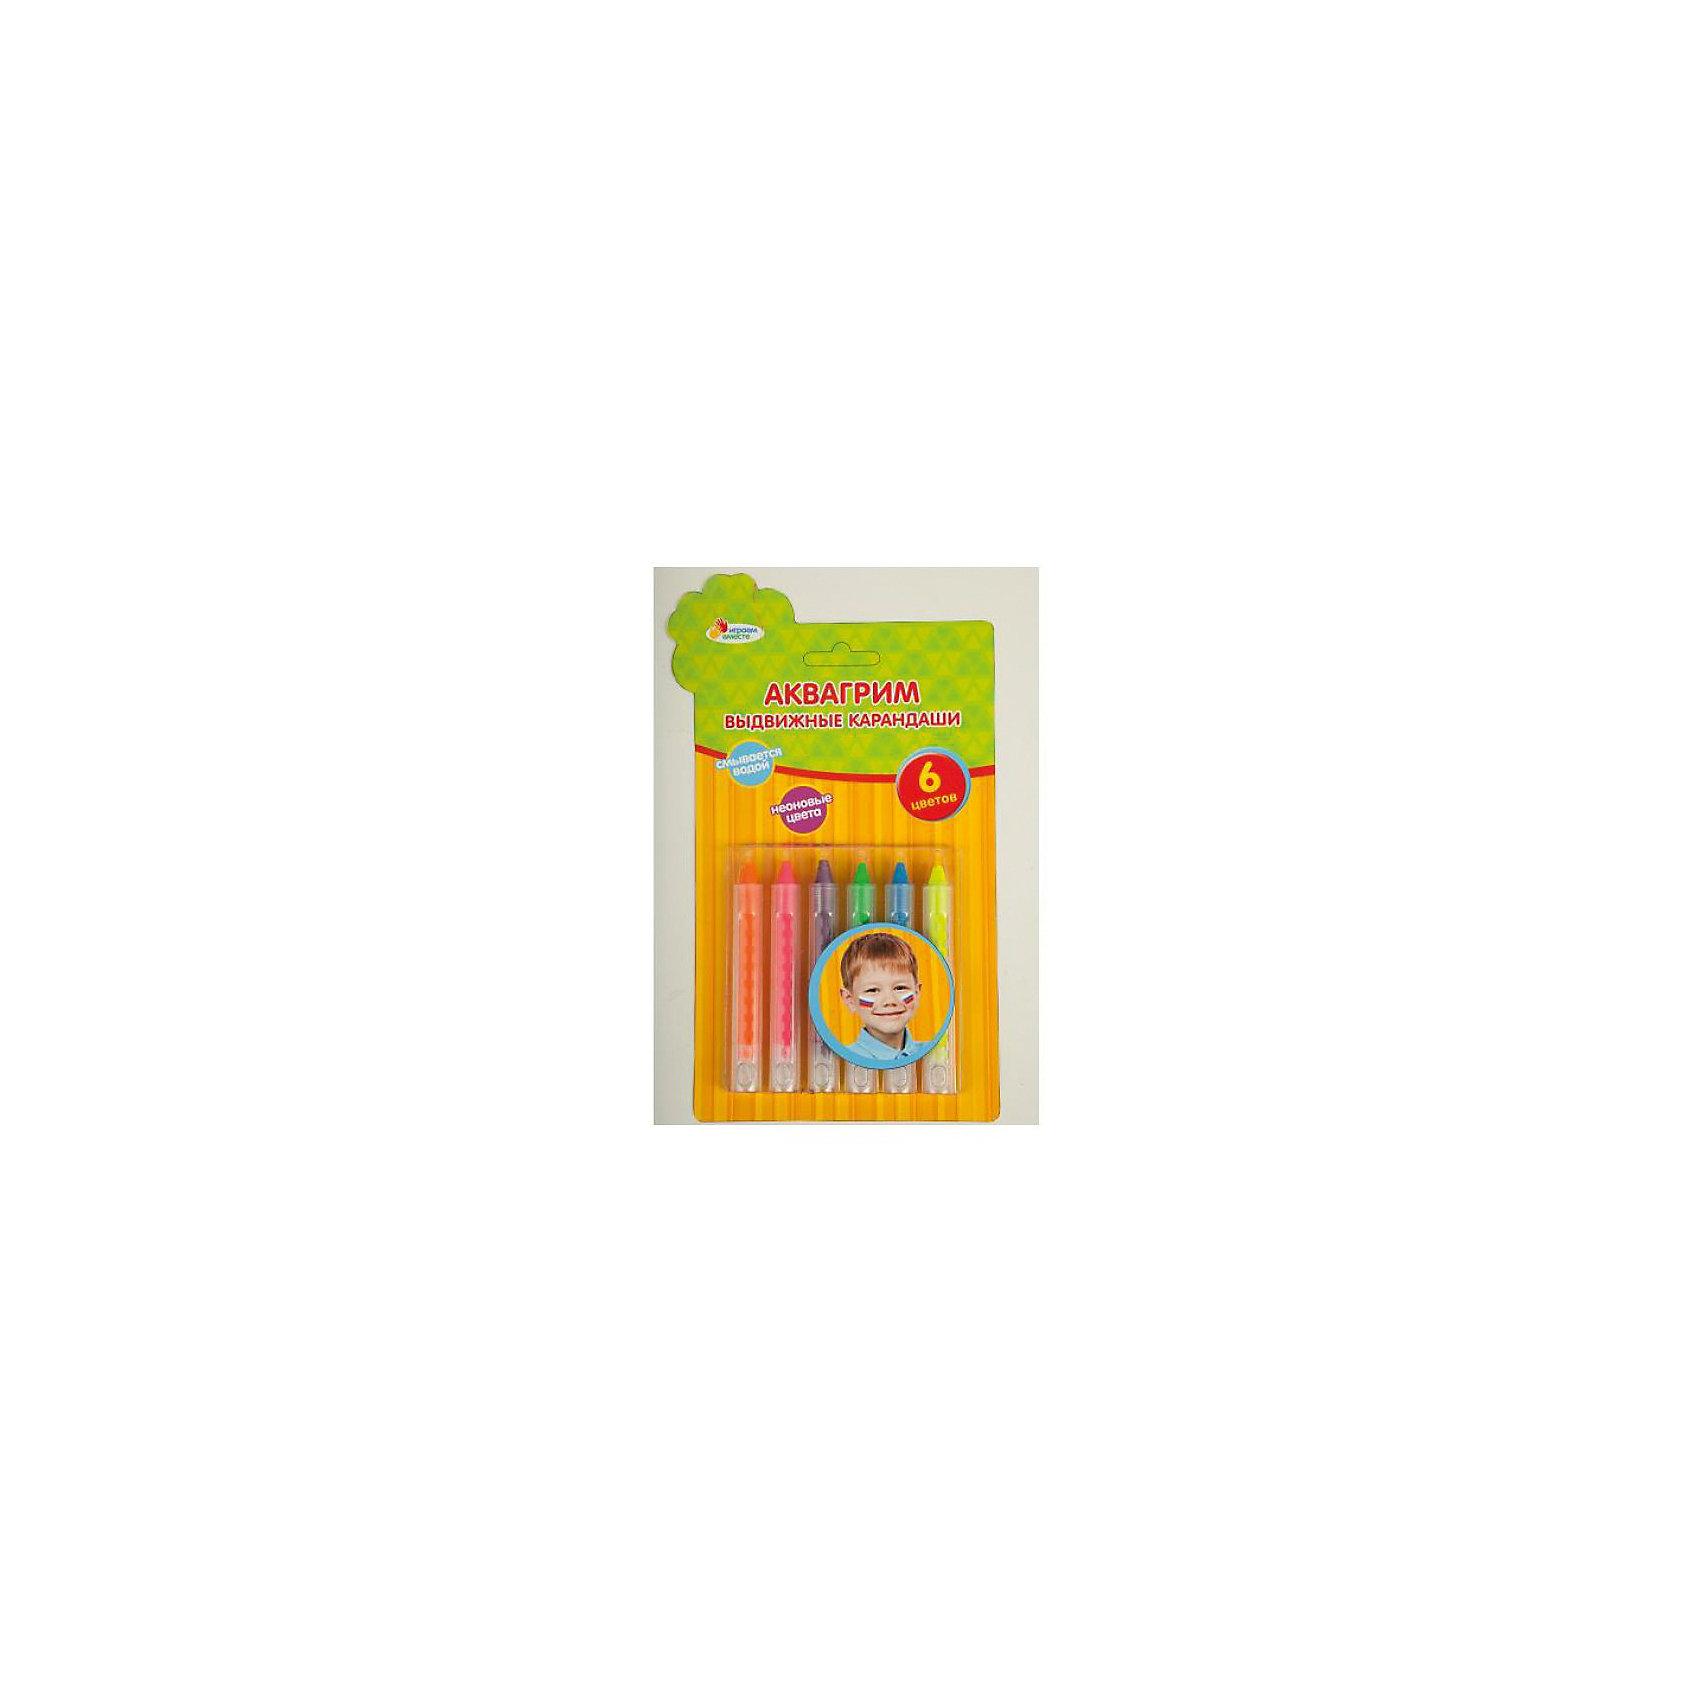 Аквагрим карандаши неоновые, 6 цветов